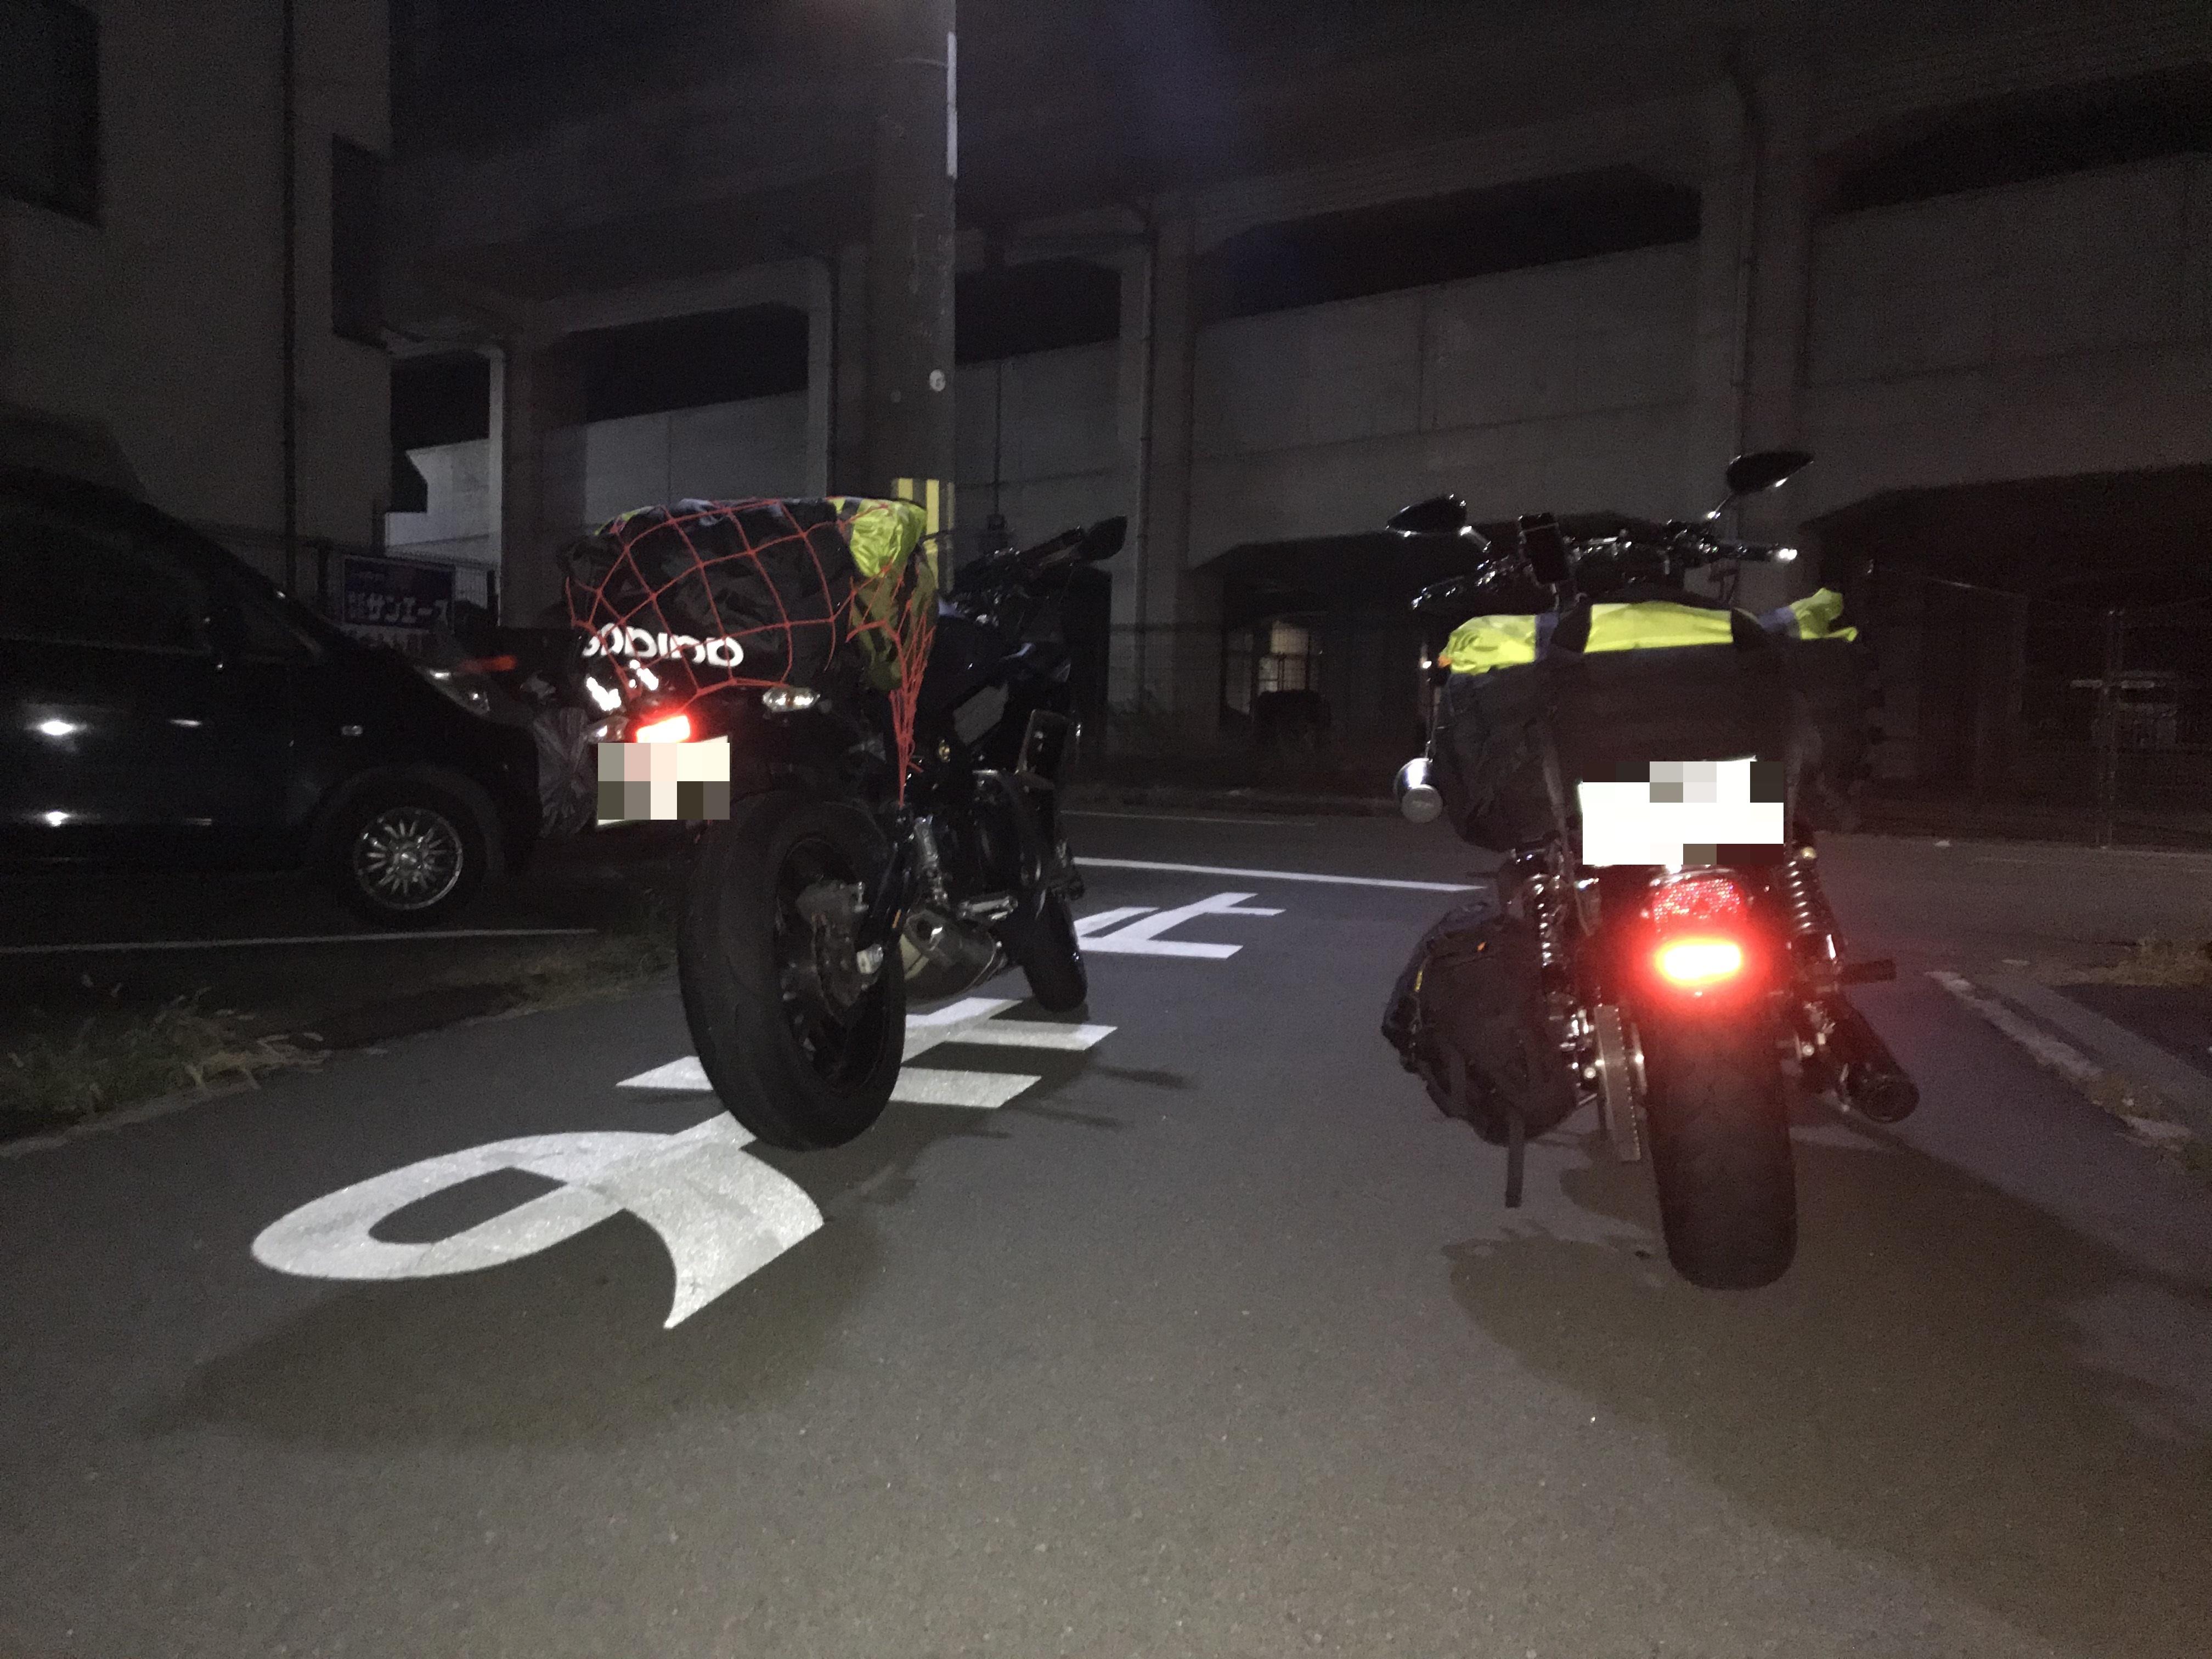 harleydavidson-dyna-capemuroto-motorcycle-touring-startoff!.jpg